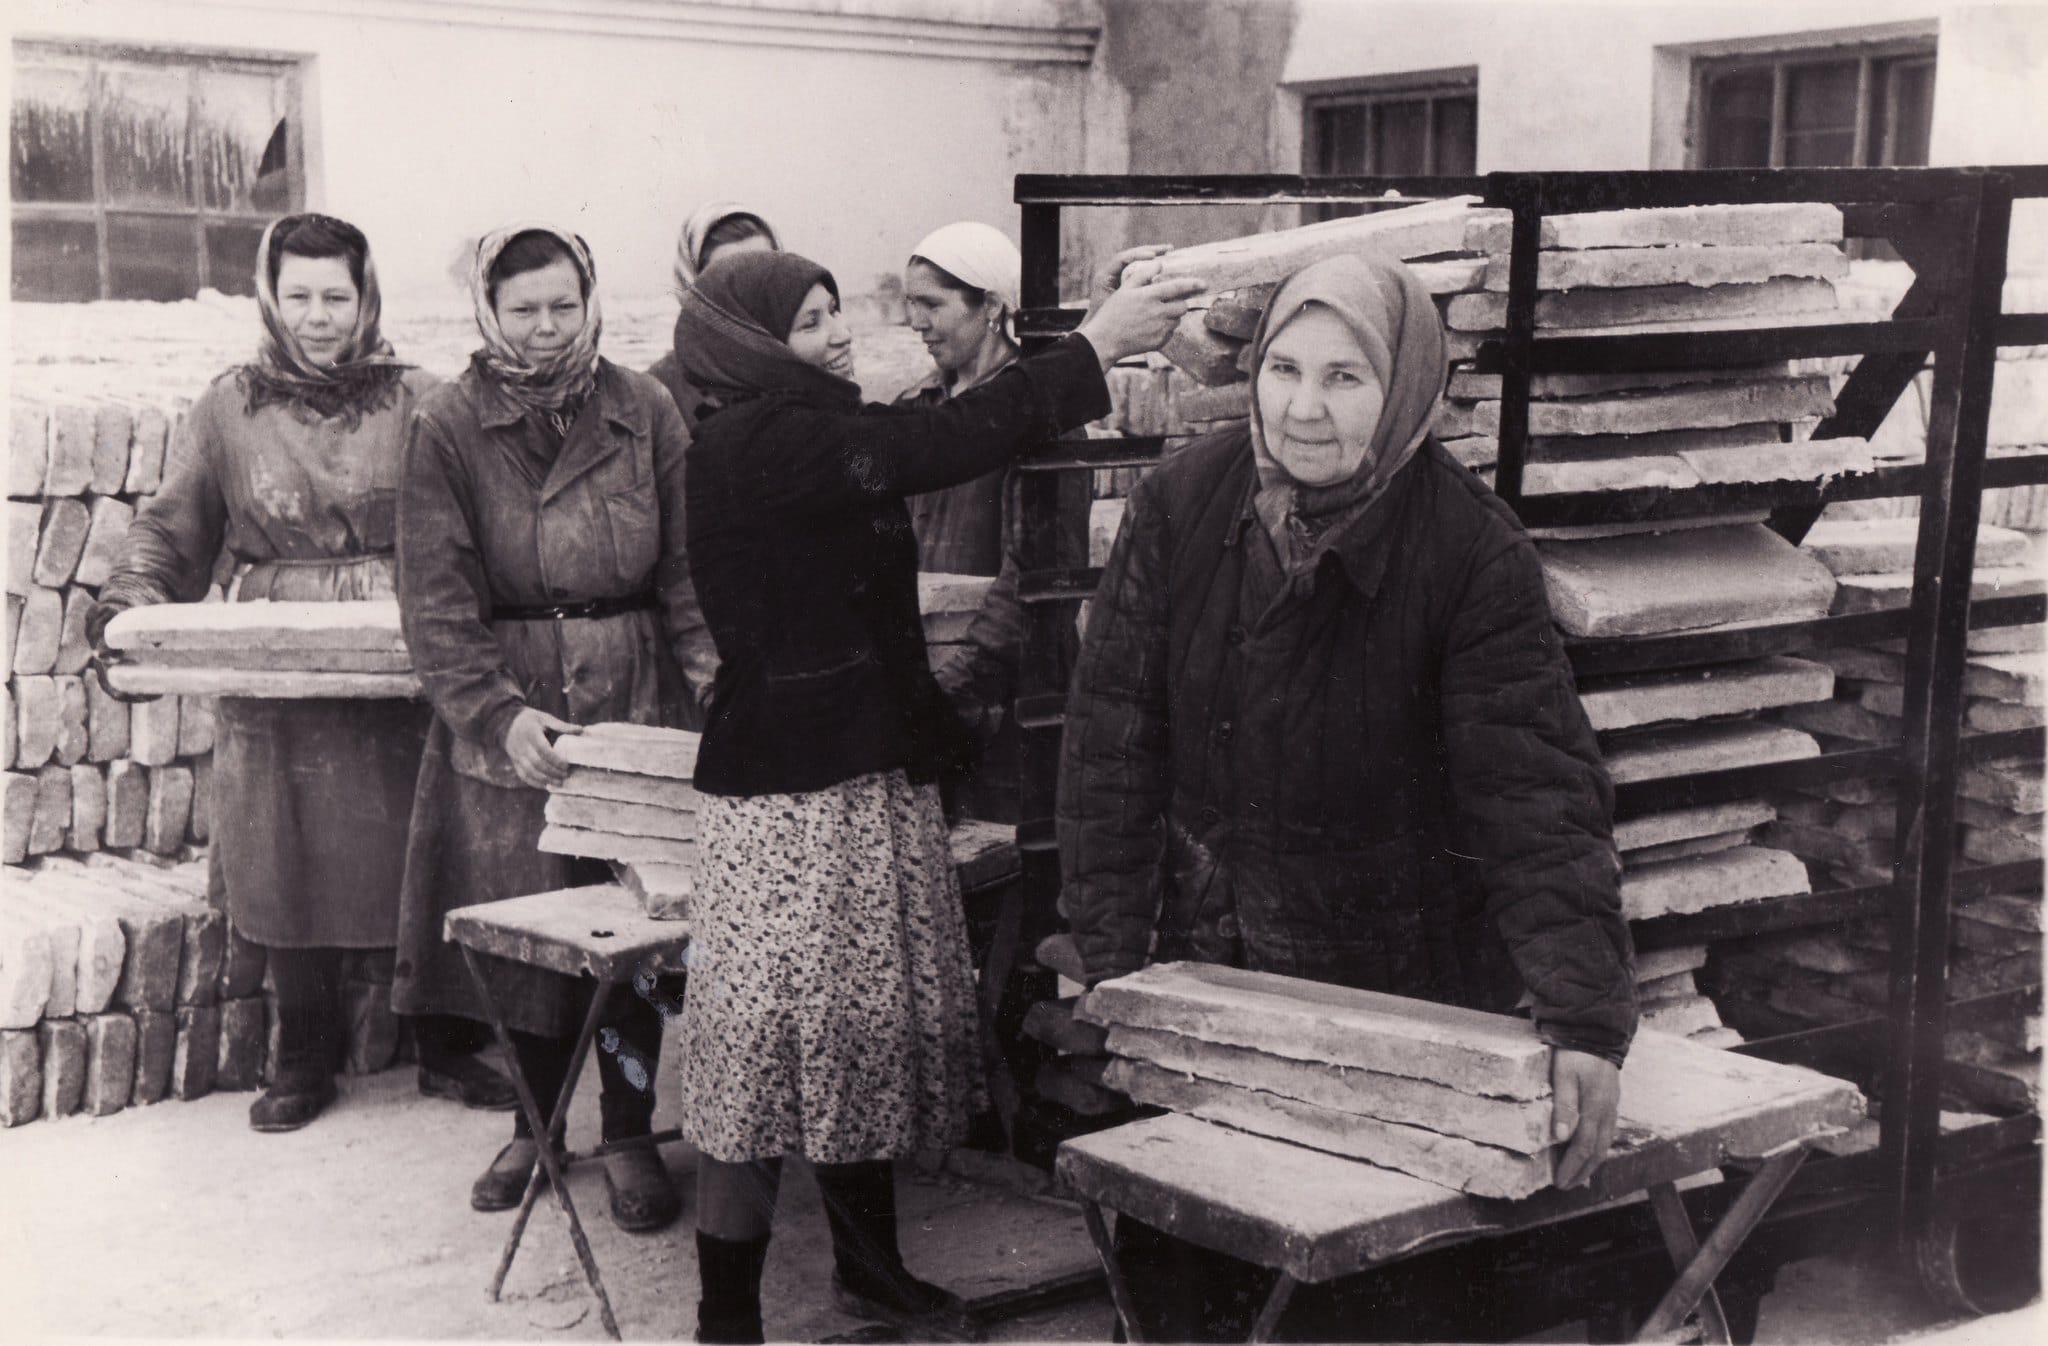 ПФР рассказал обо всех пенсионных периодах советского стажа, позволяющих увеличить размер пенсии